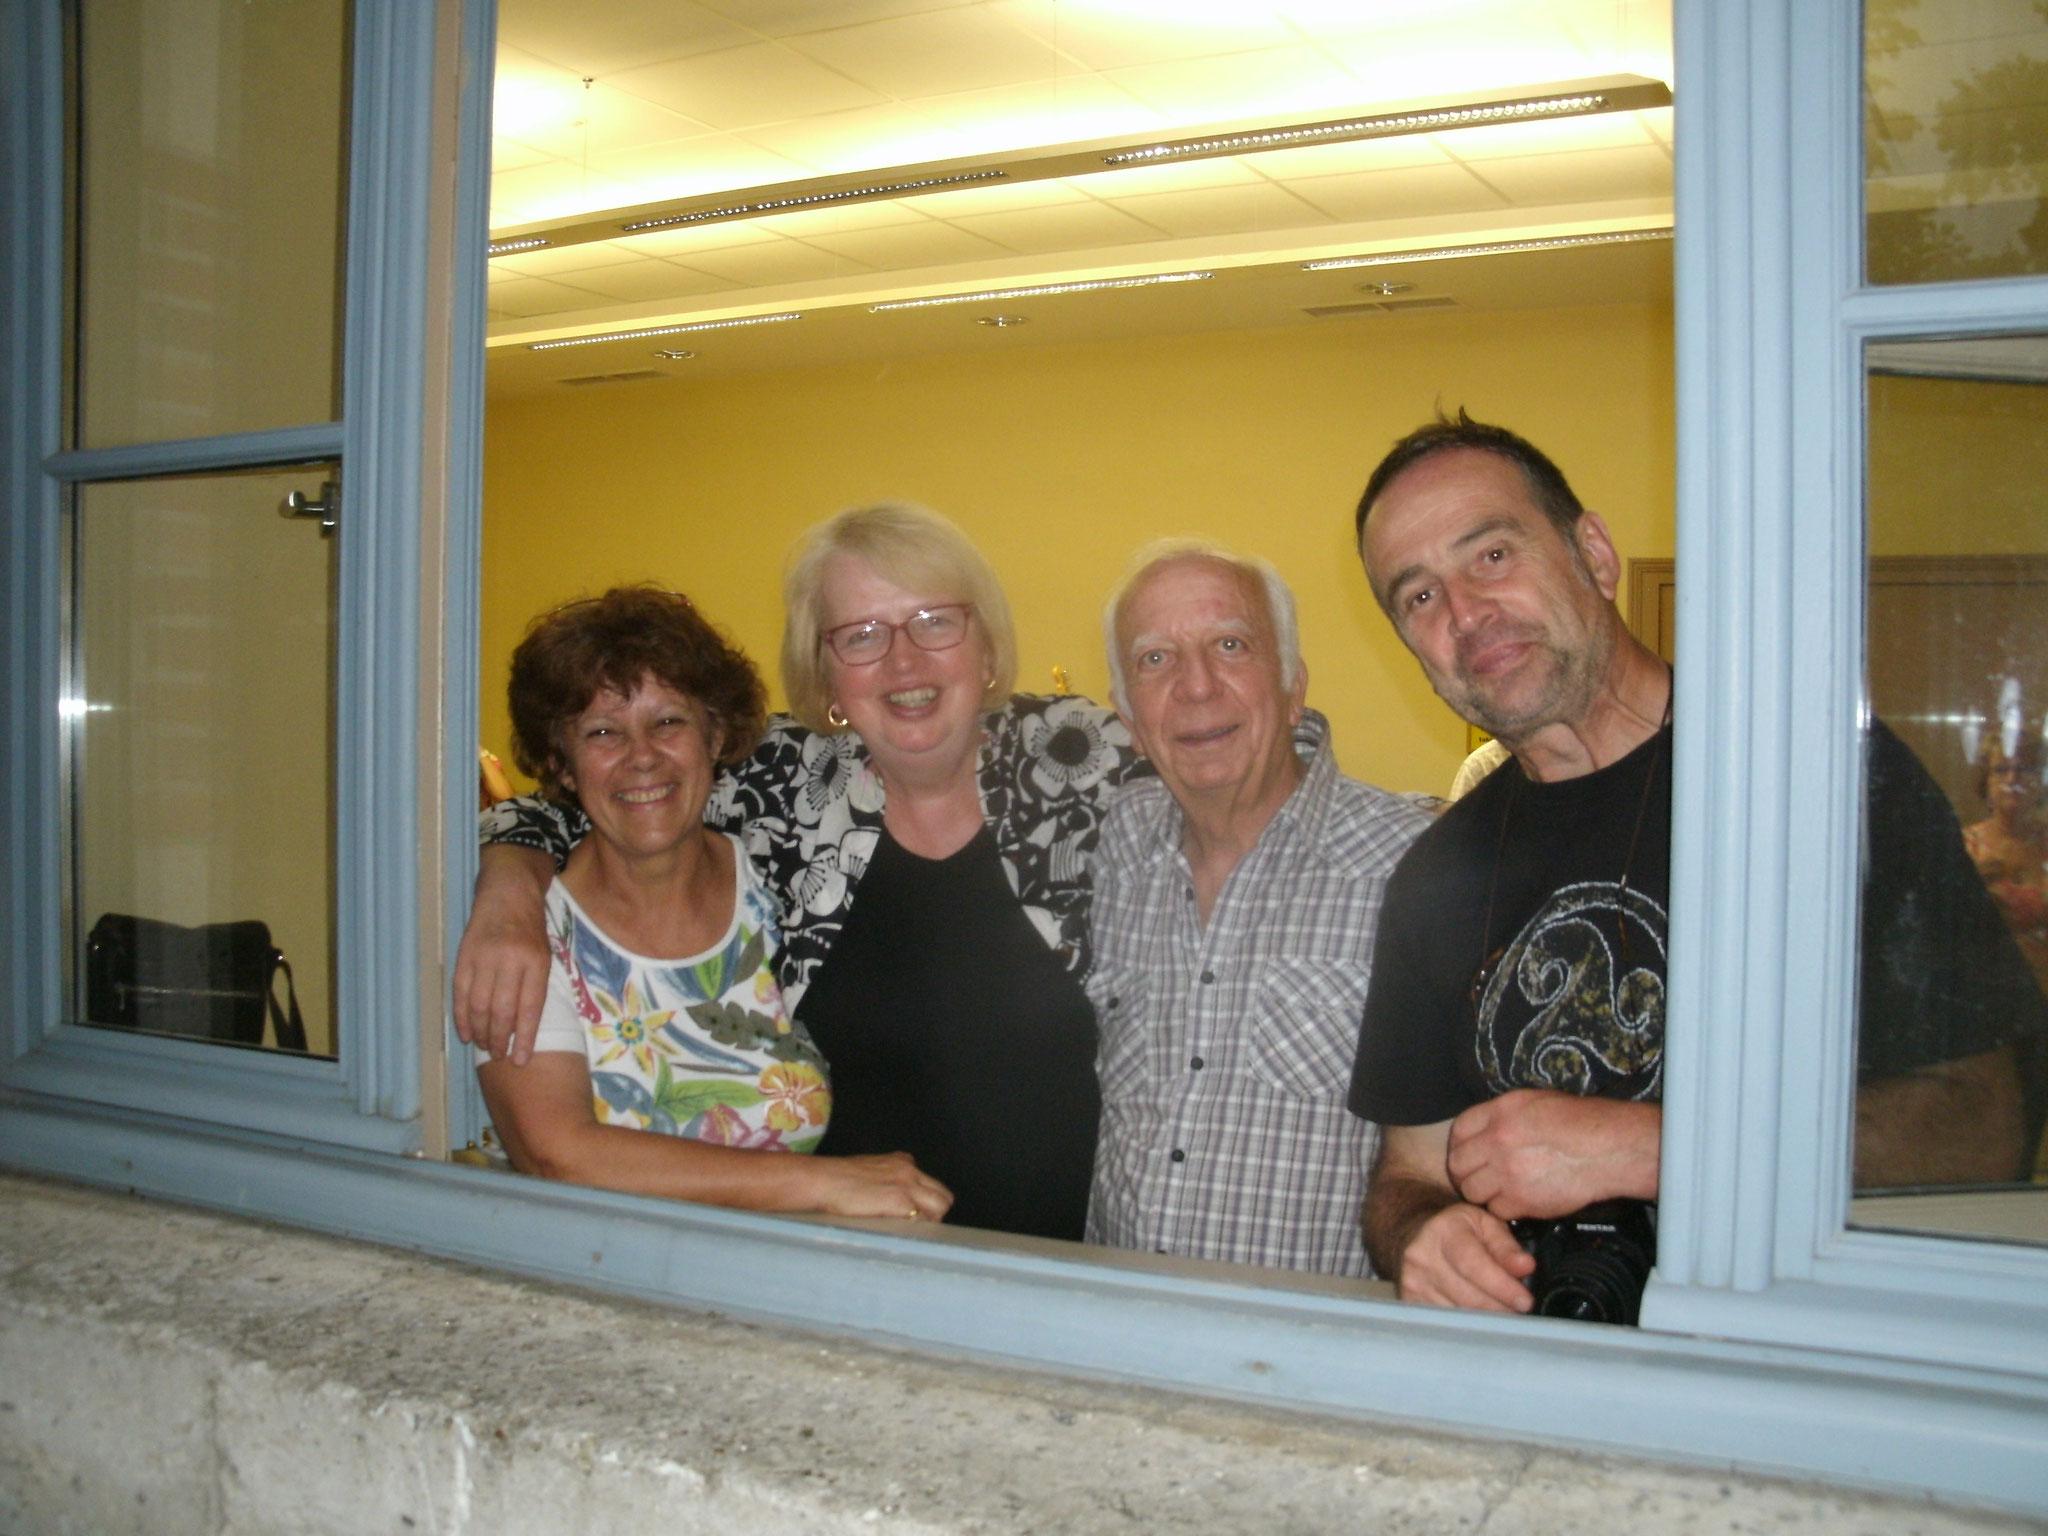 Le 24 Juin 2016,nous fêtons les anniversires de René,Claude,Claudine et Gisèle.